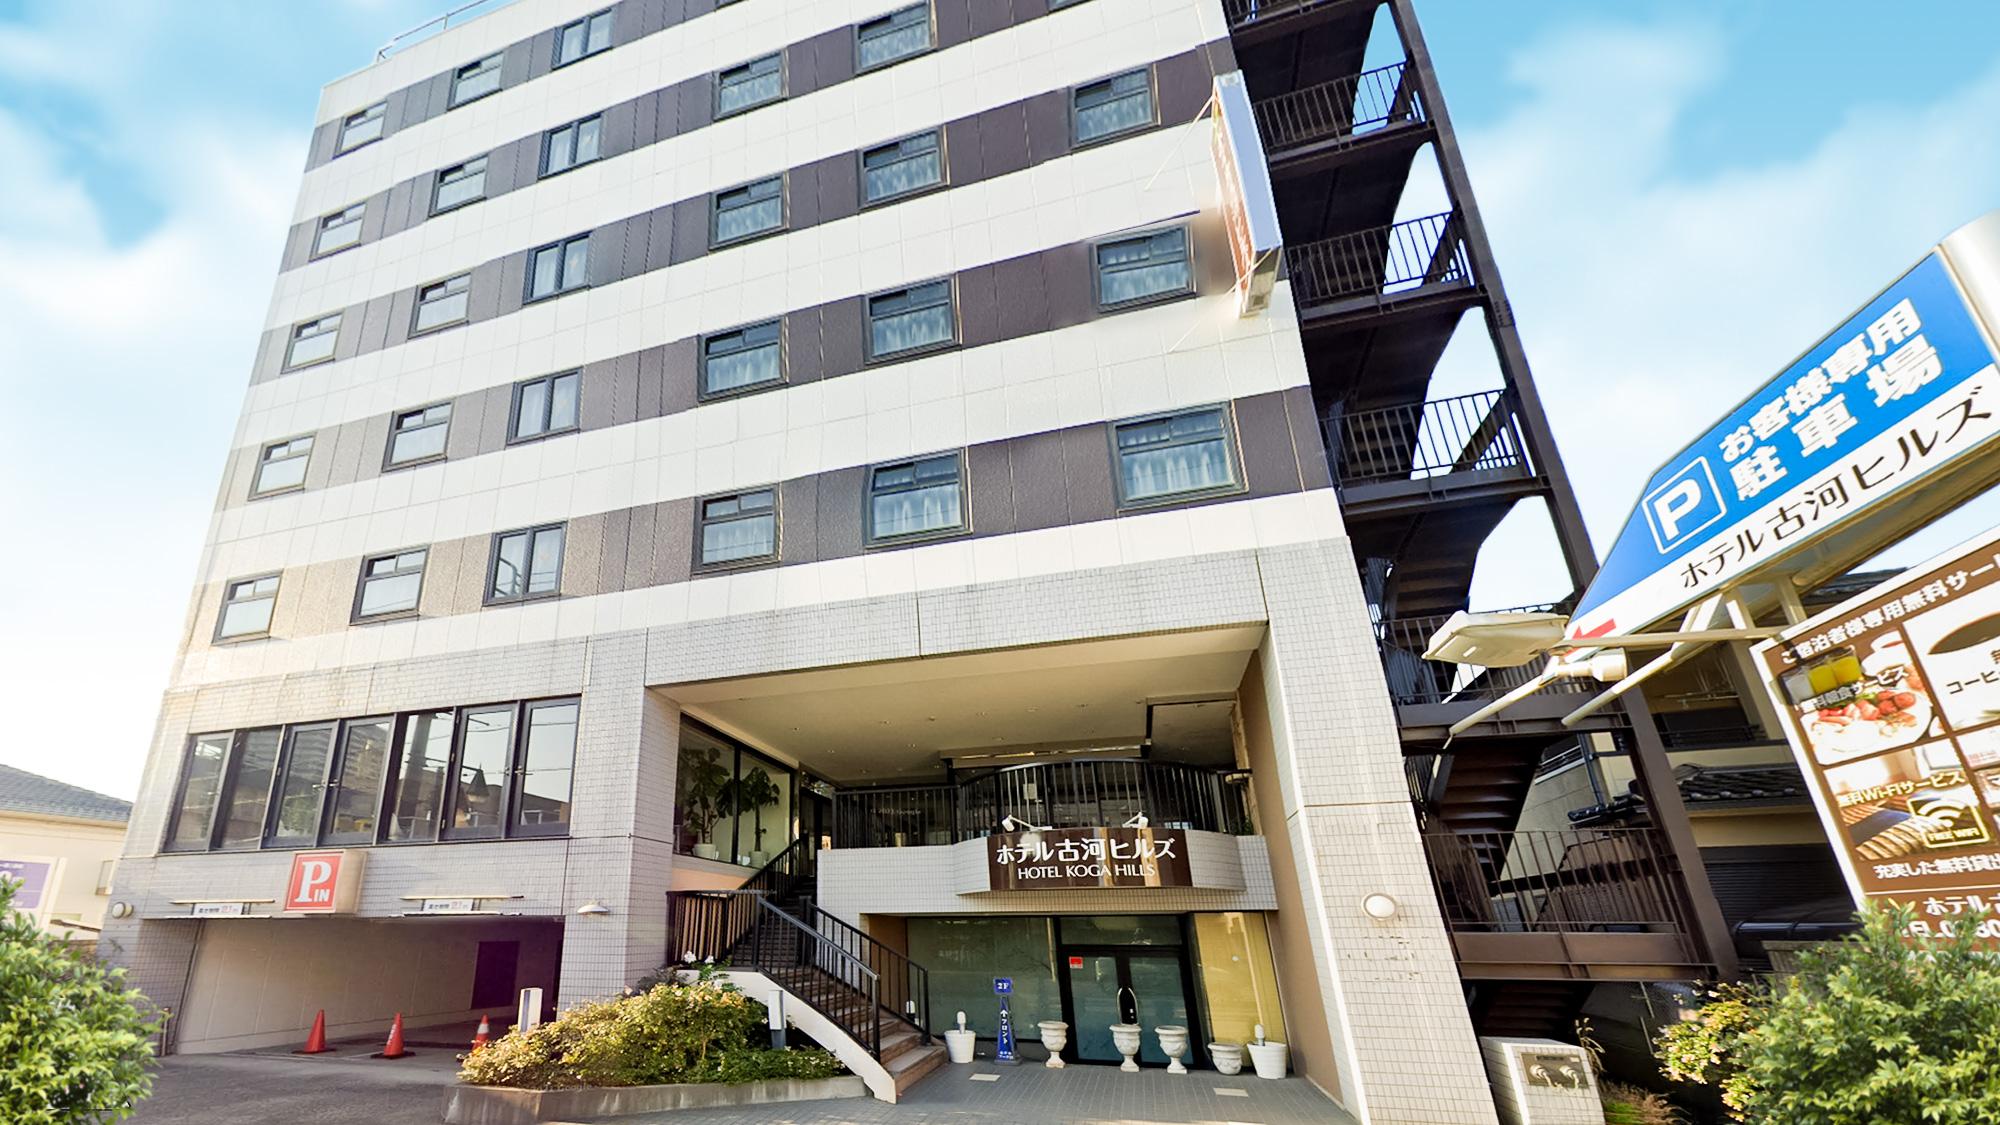 ホテル古河ヒルズ(BBHホテルグループ)